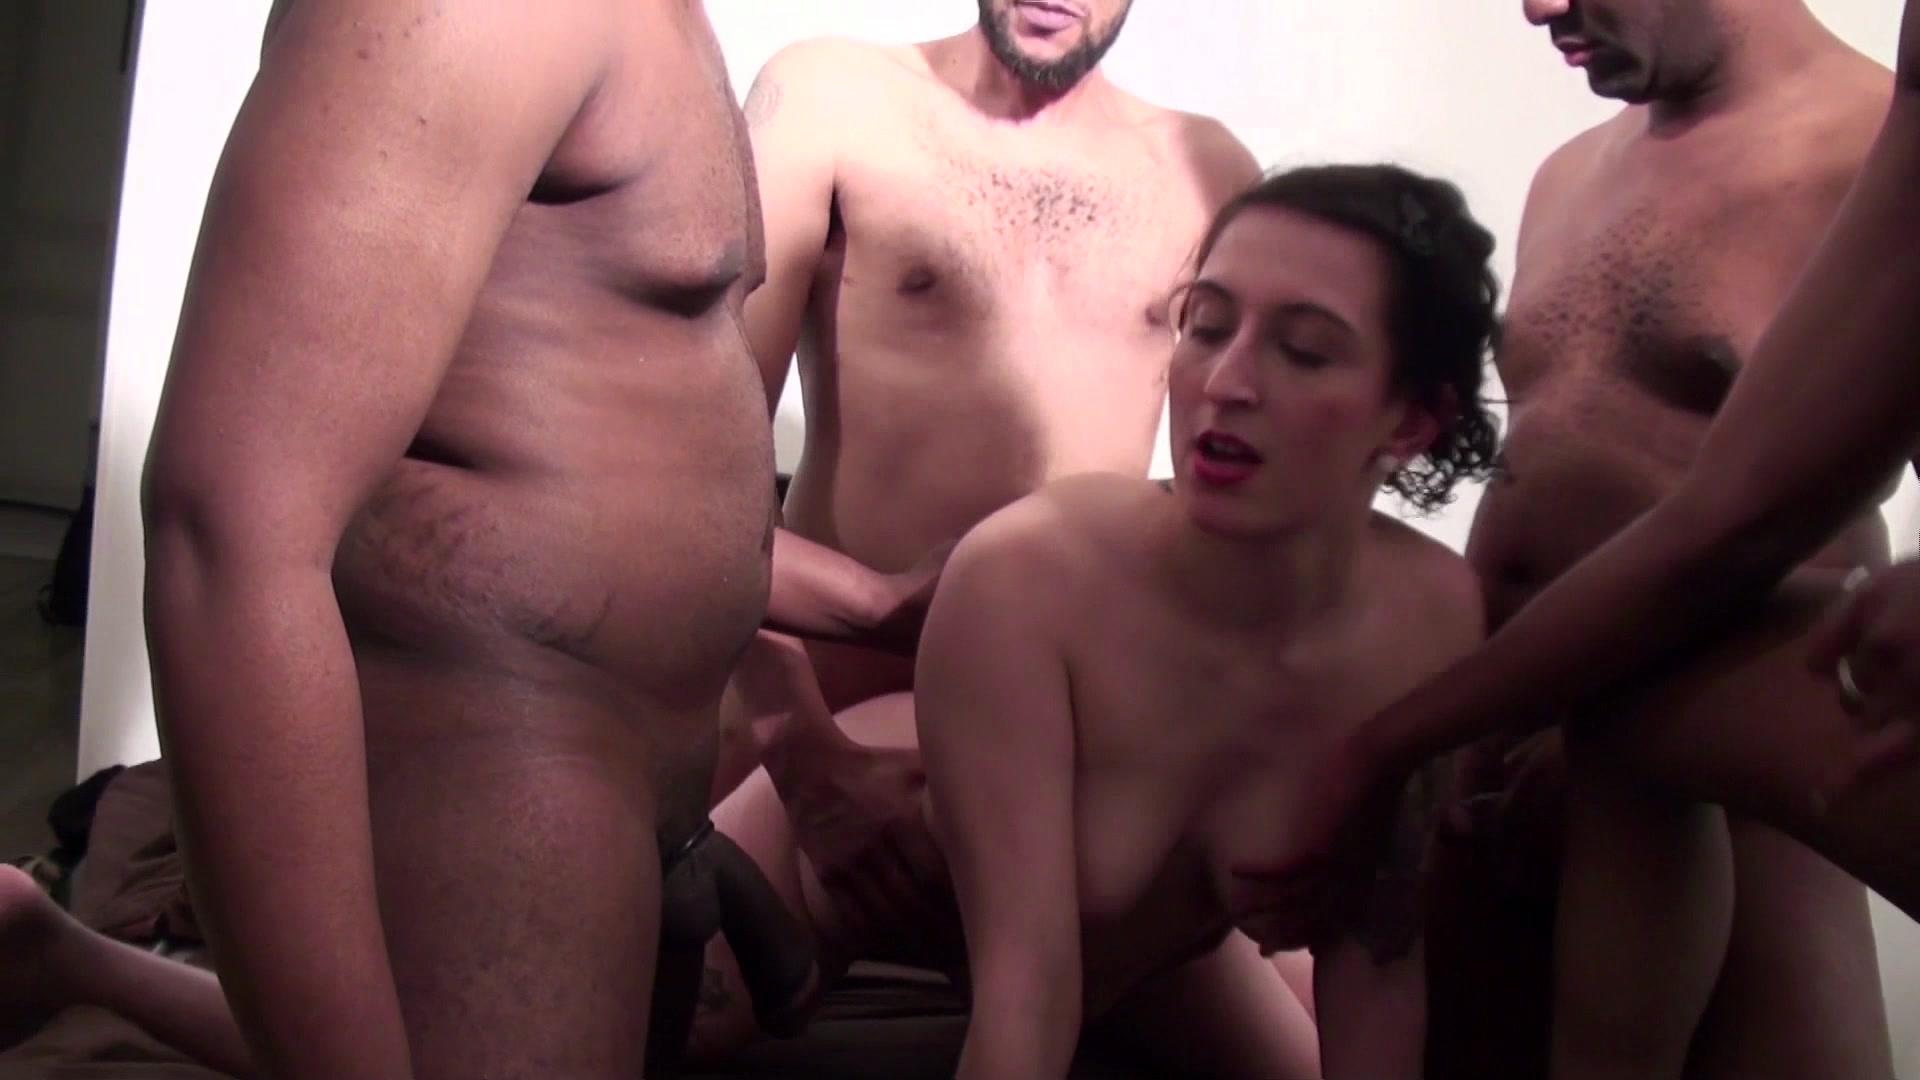 Саша грей оргия, саша грей груповуха: порно видео онлайн, смотреть порно 14 фотография